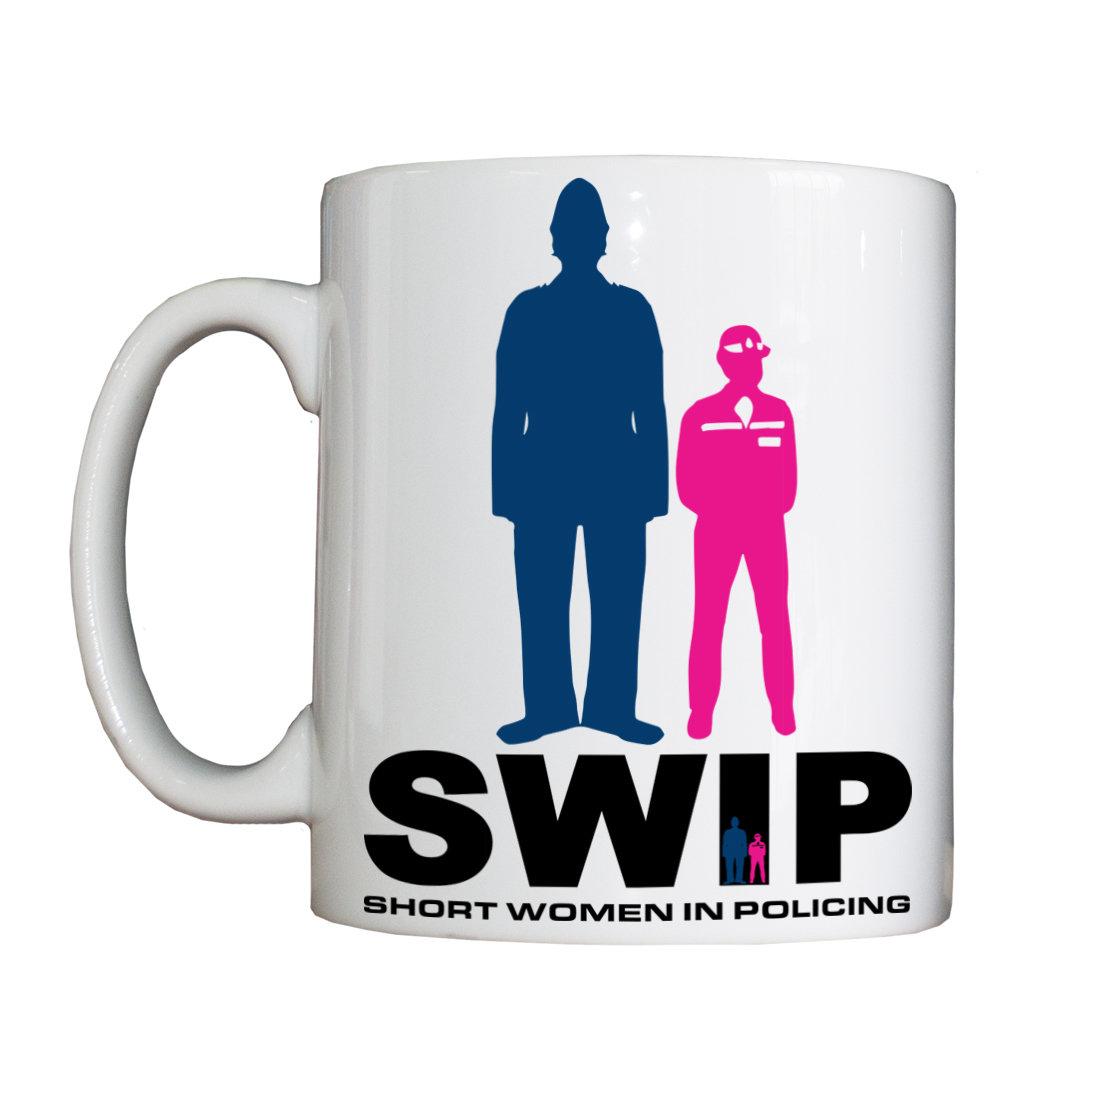 Personalised 'SWIP' Drinking Vessel